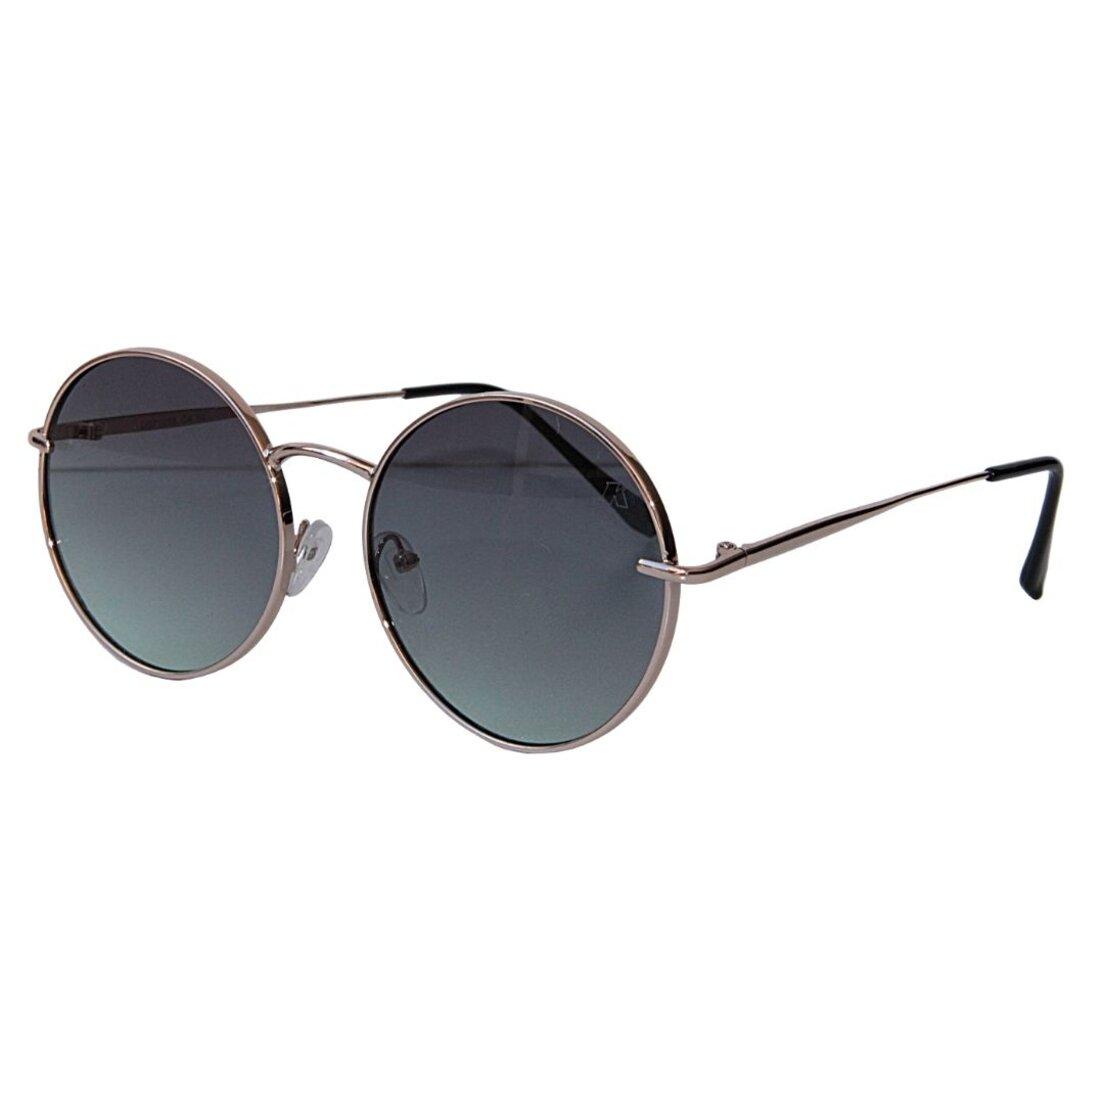 OUTLET - Óculos de Sol Khatto Round Retrô - Italiano